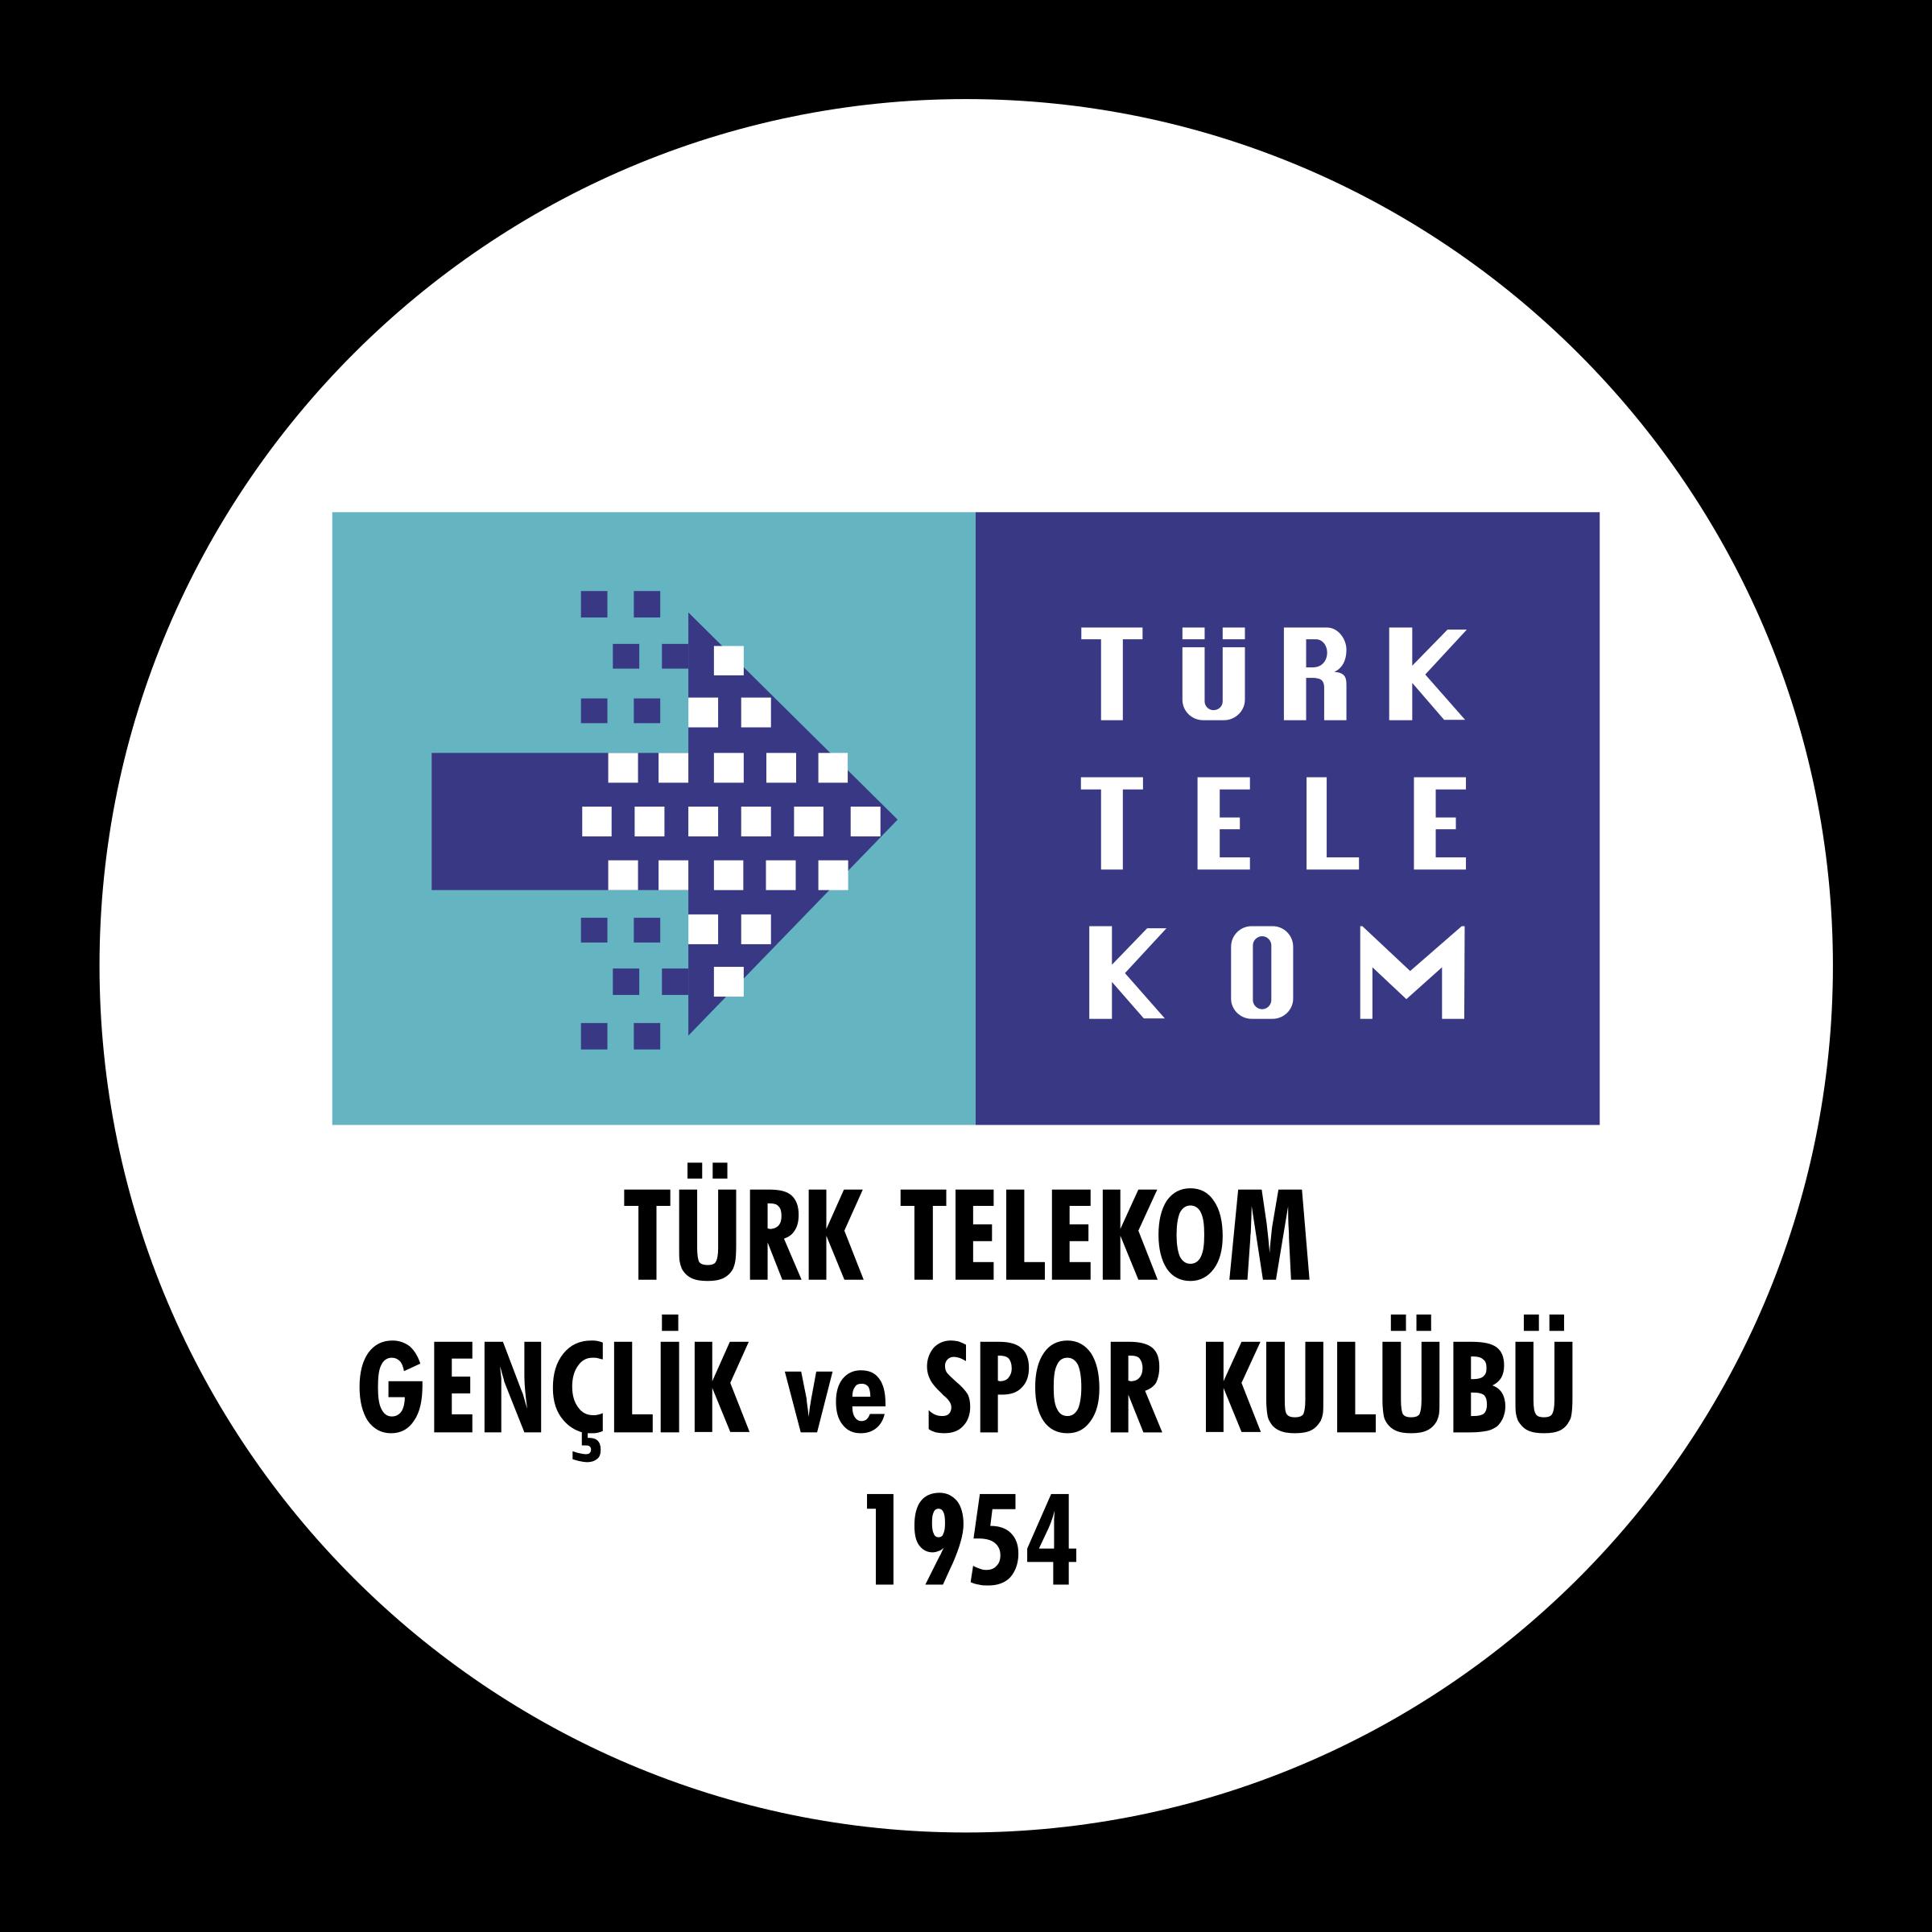 Turk Telekom GSK Logo PNG Transparent & SVG Vector.